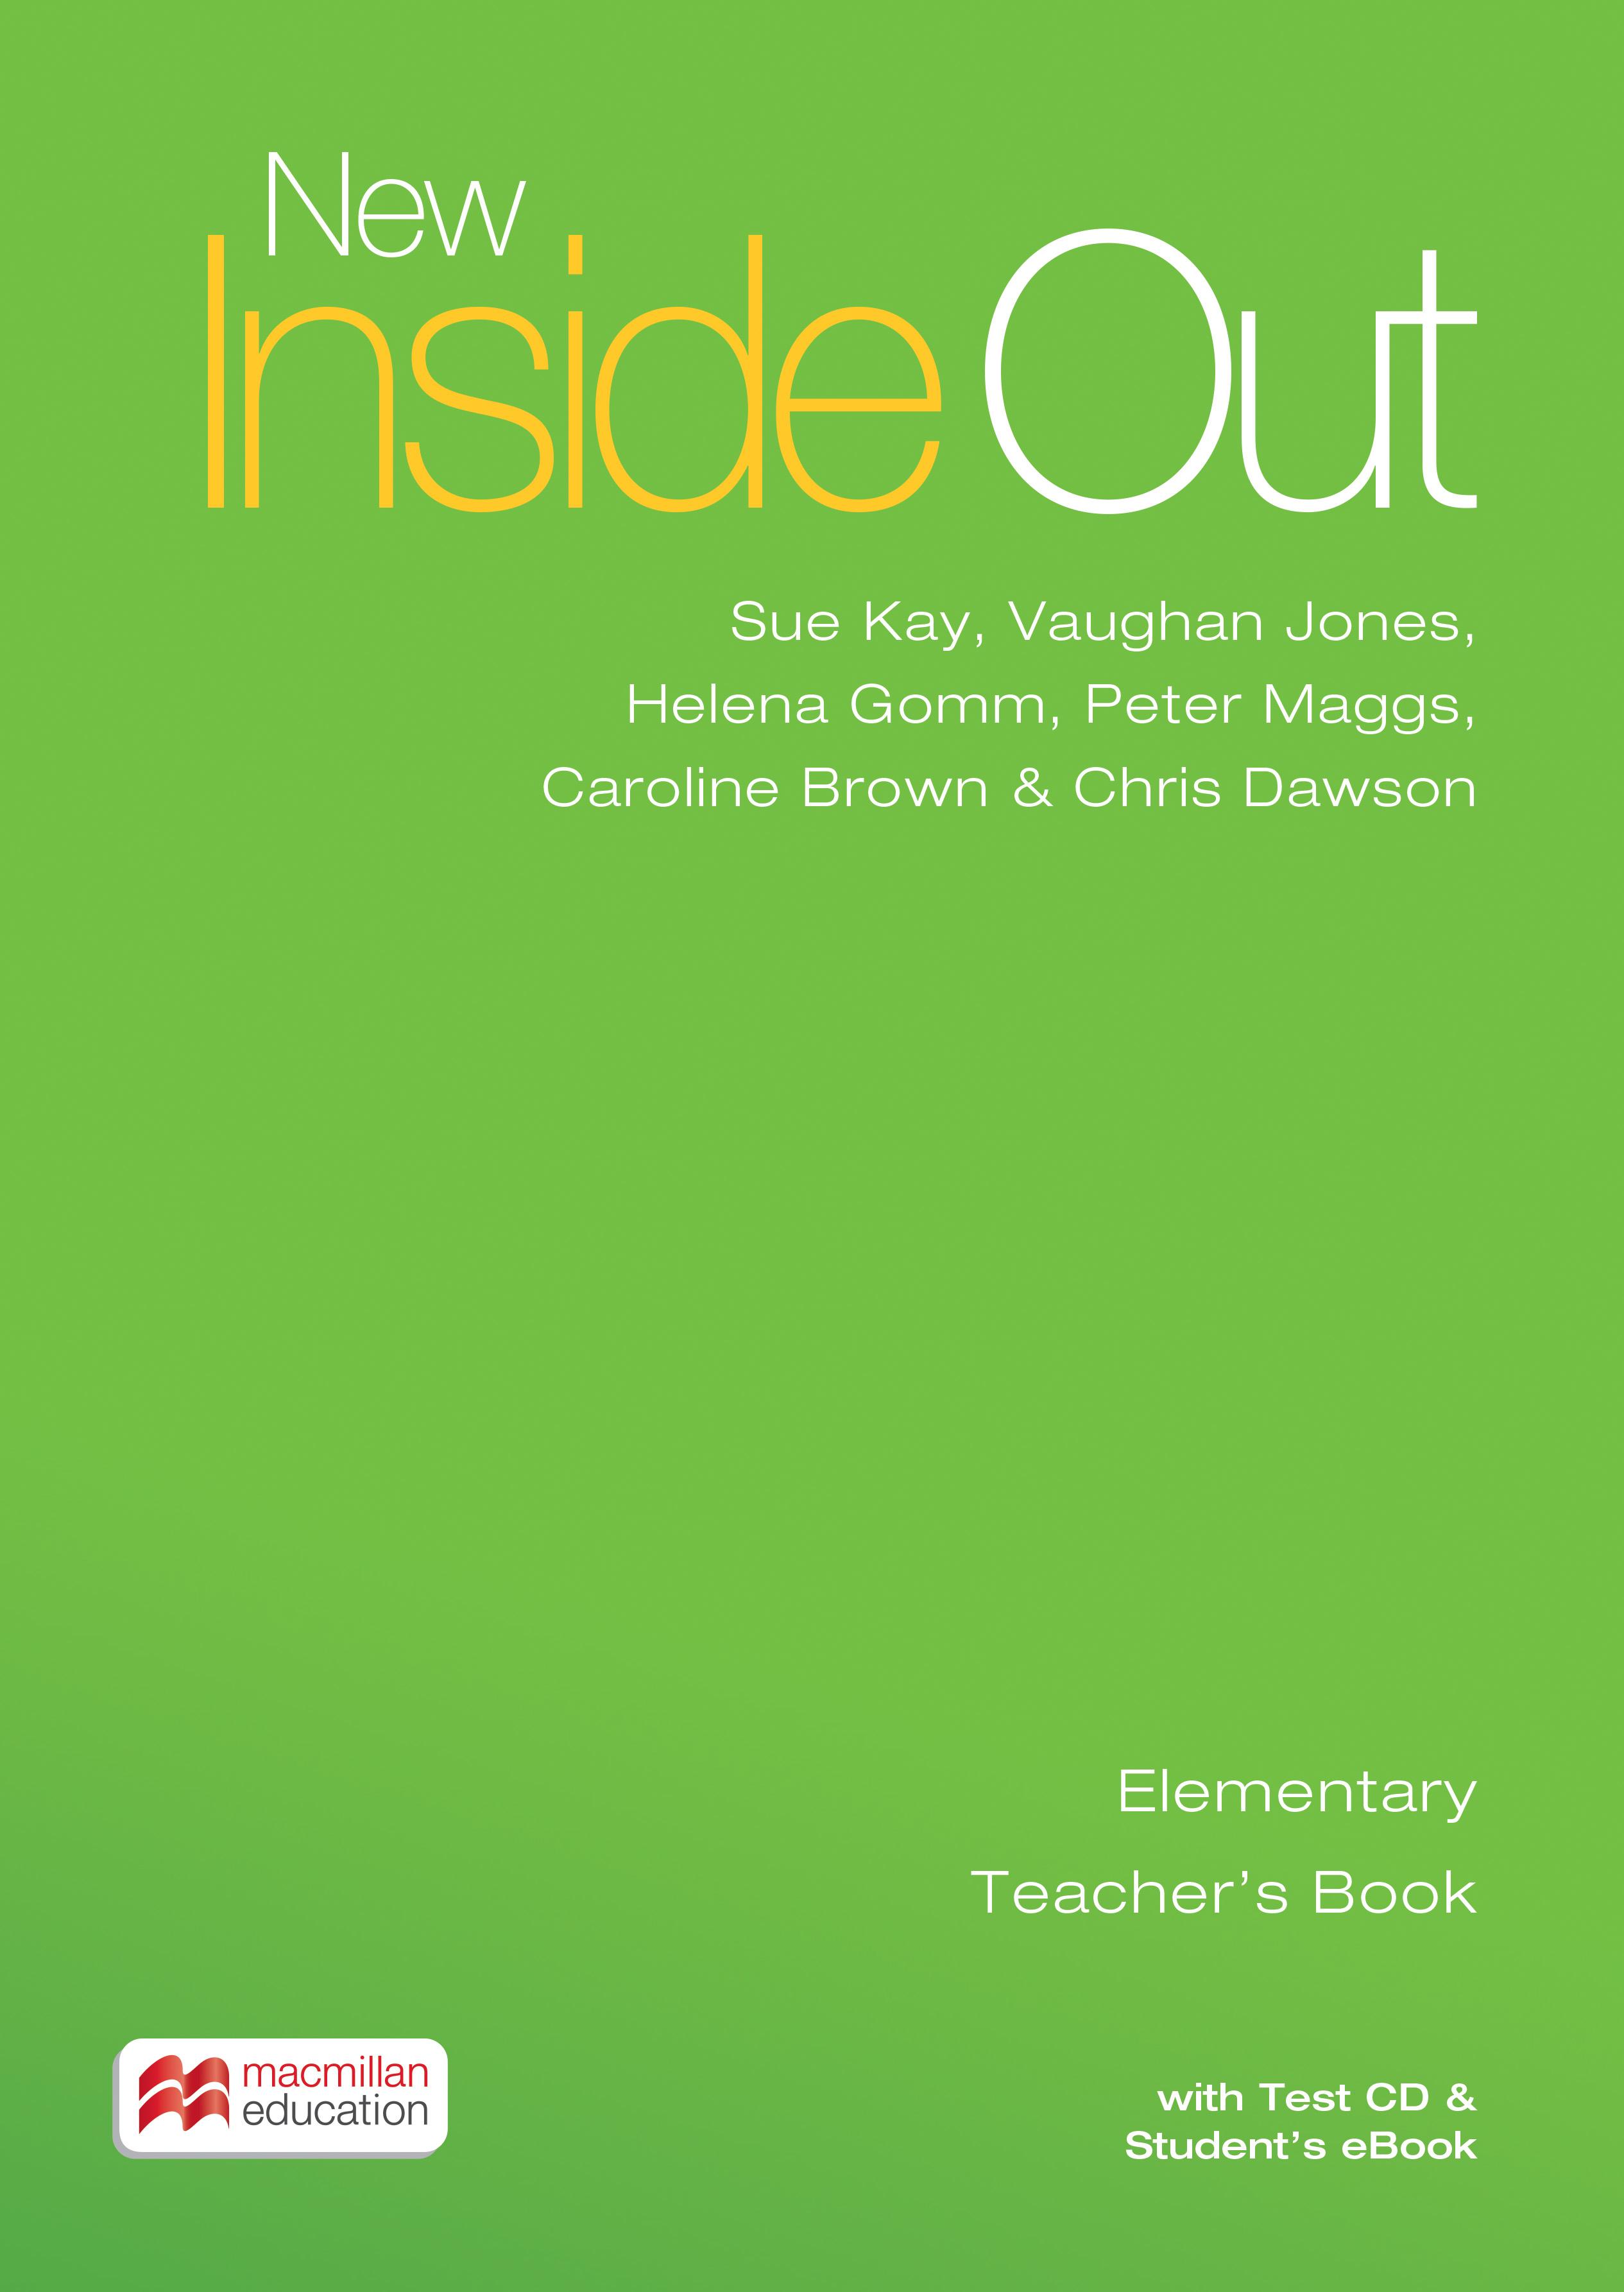 New Inside Out Elementary + eBook Teacher